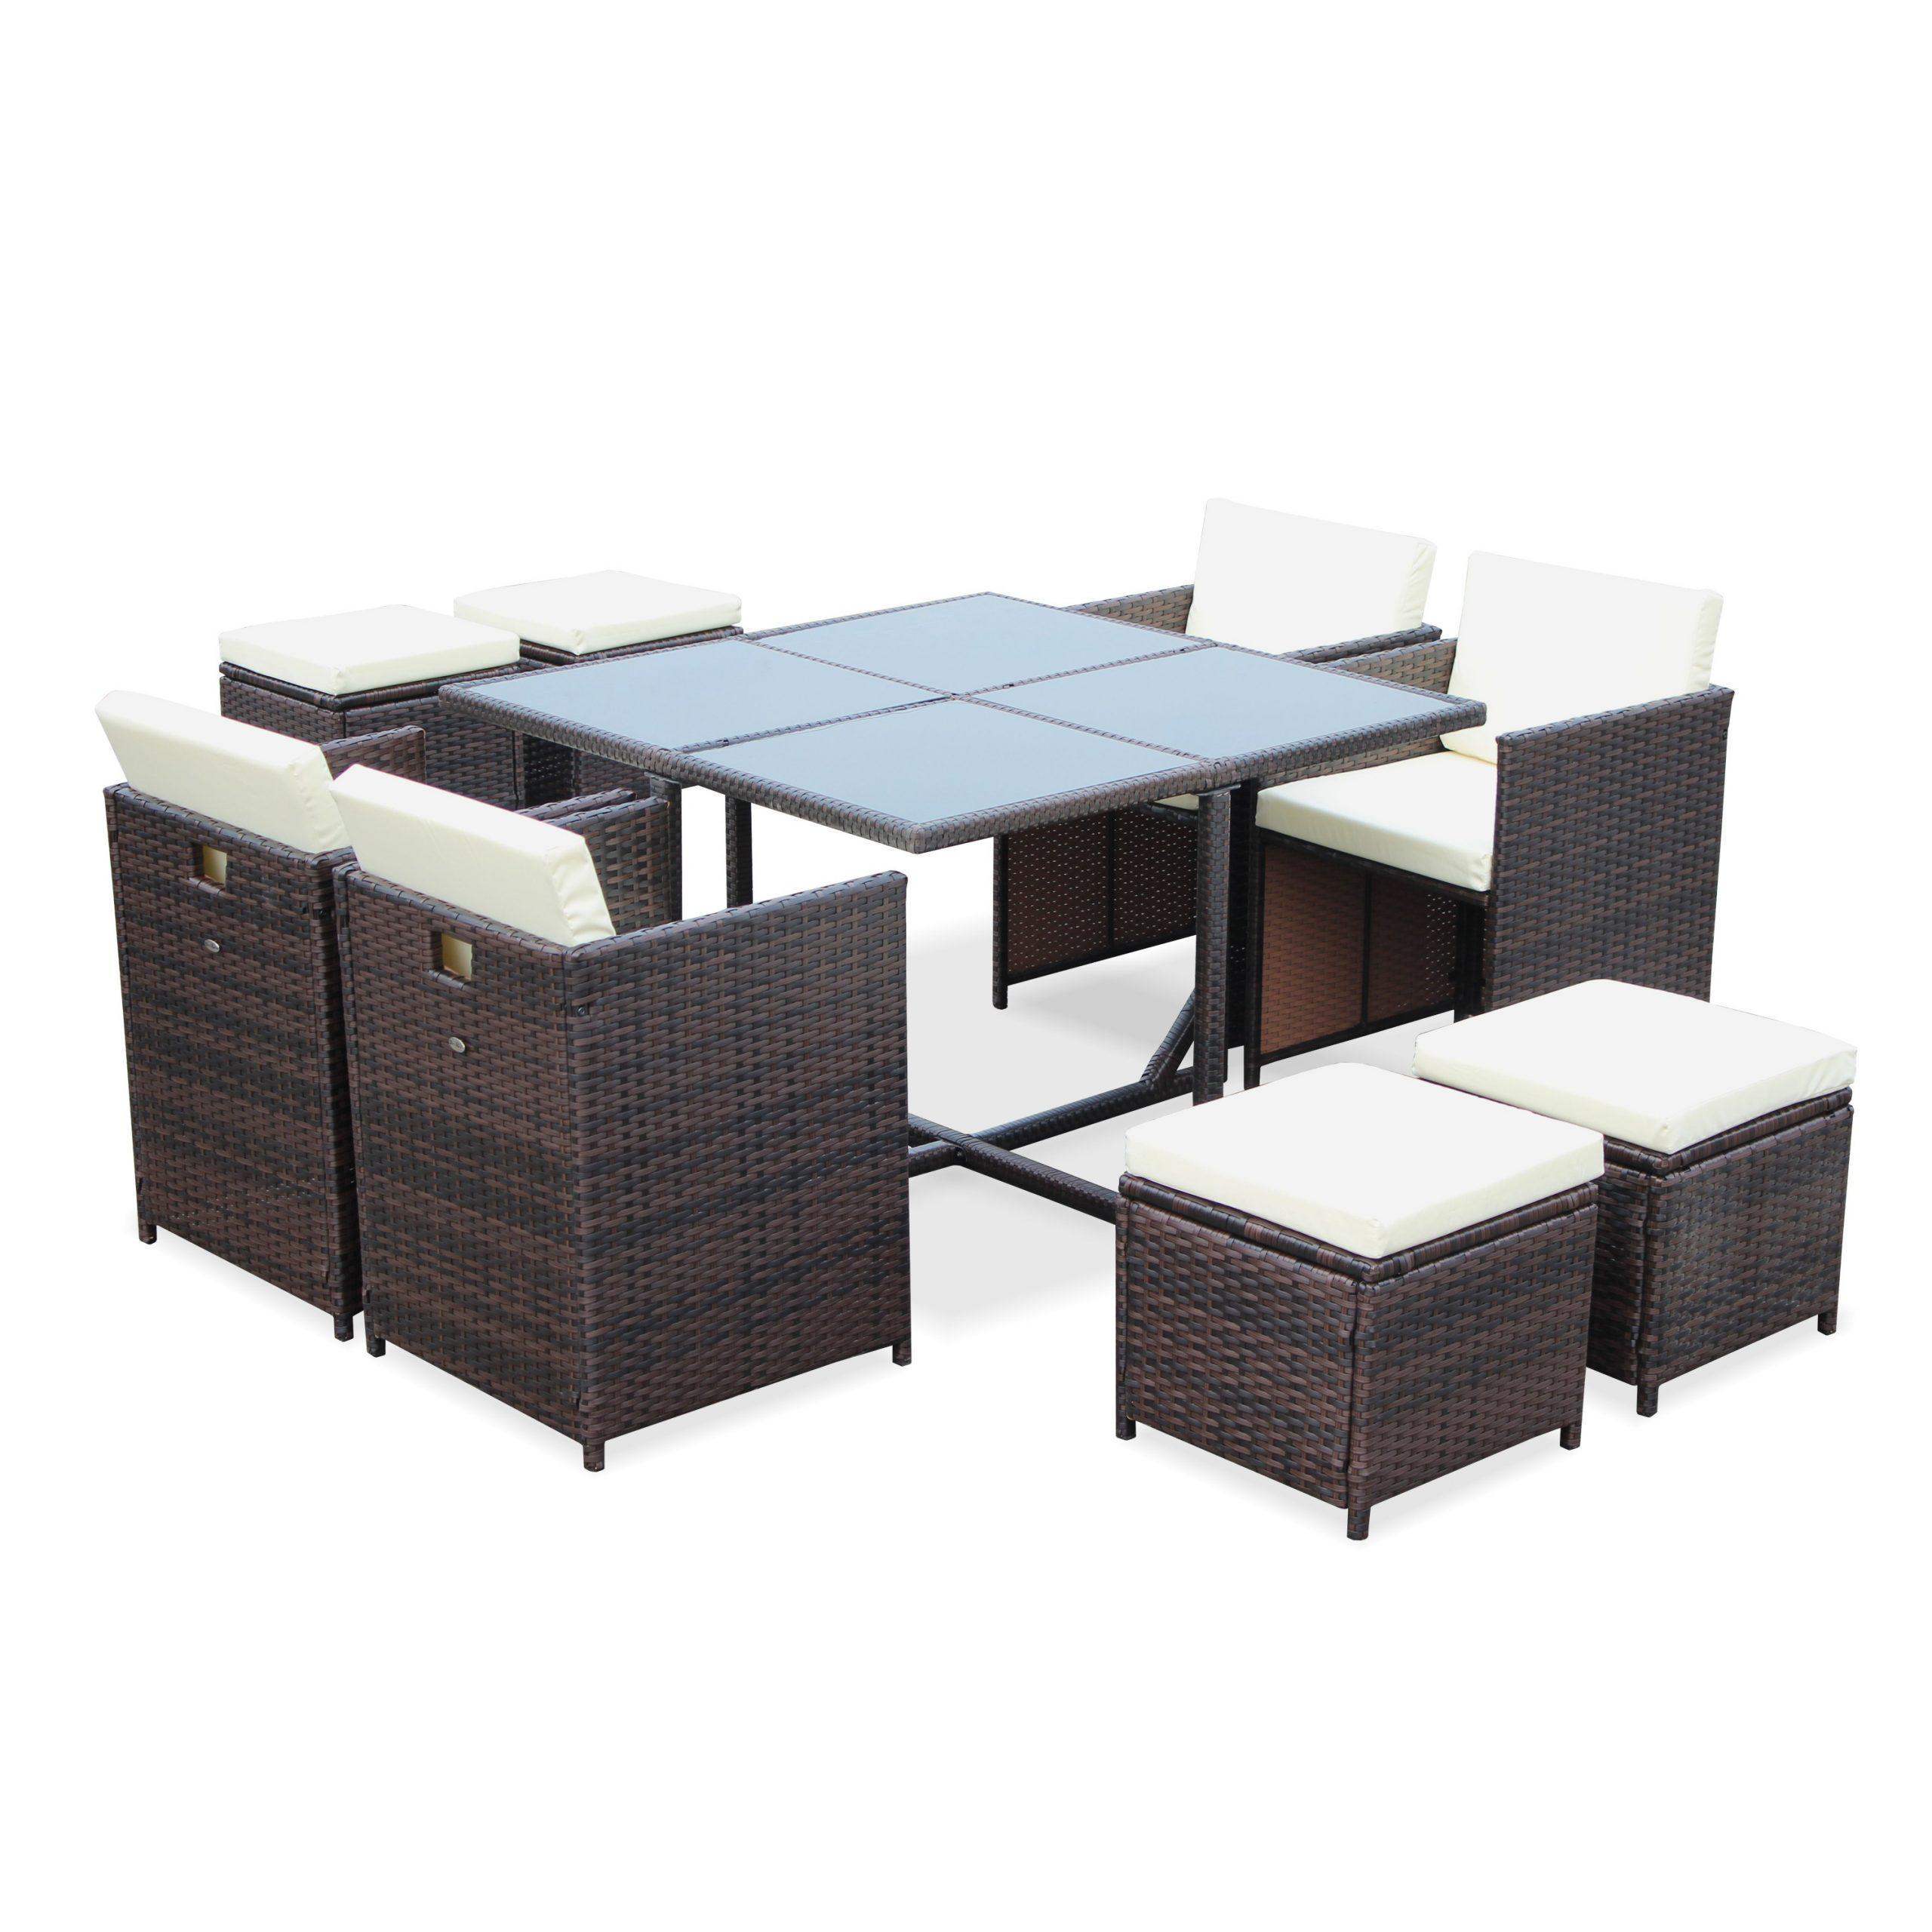 De Table Table De Fauteuil Jardin Encastrable Qcdtsrbohx tout Salon De Jardin Résine Tressée Encastrable